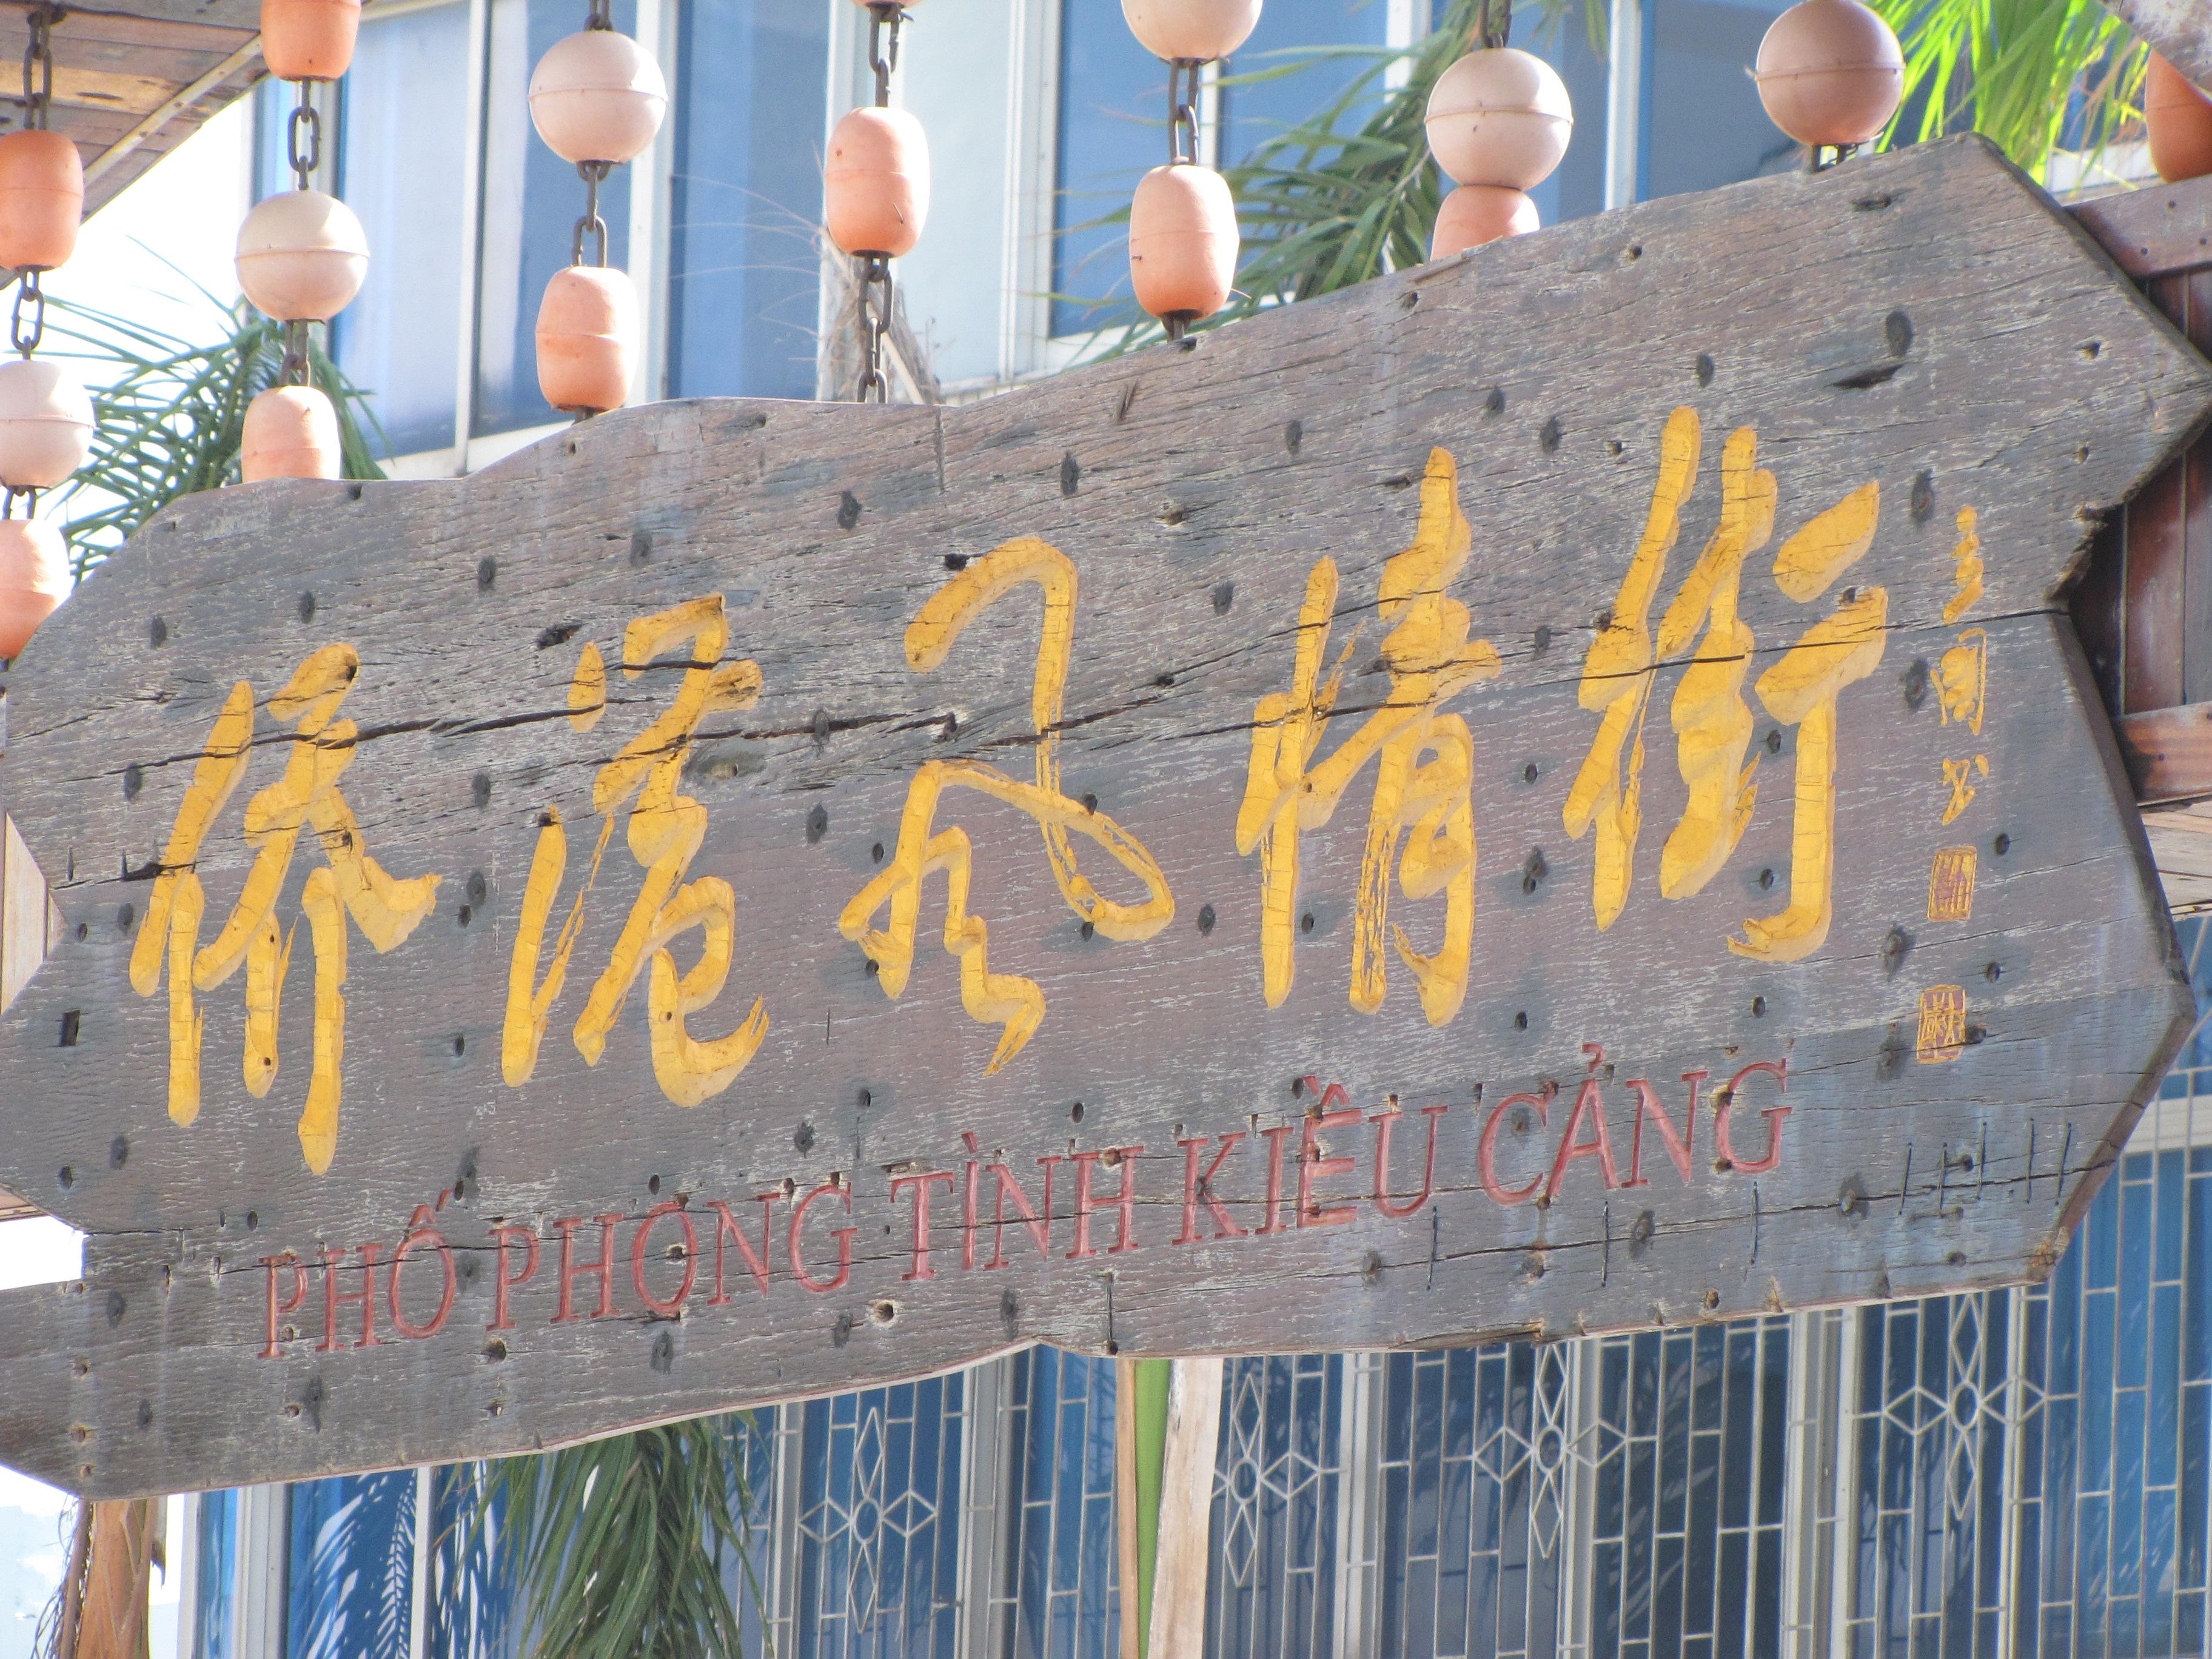 有市场,还有越侨……的确可以搞出一个出类拔萃的形象生动的风情街来图片